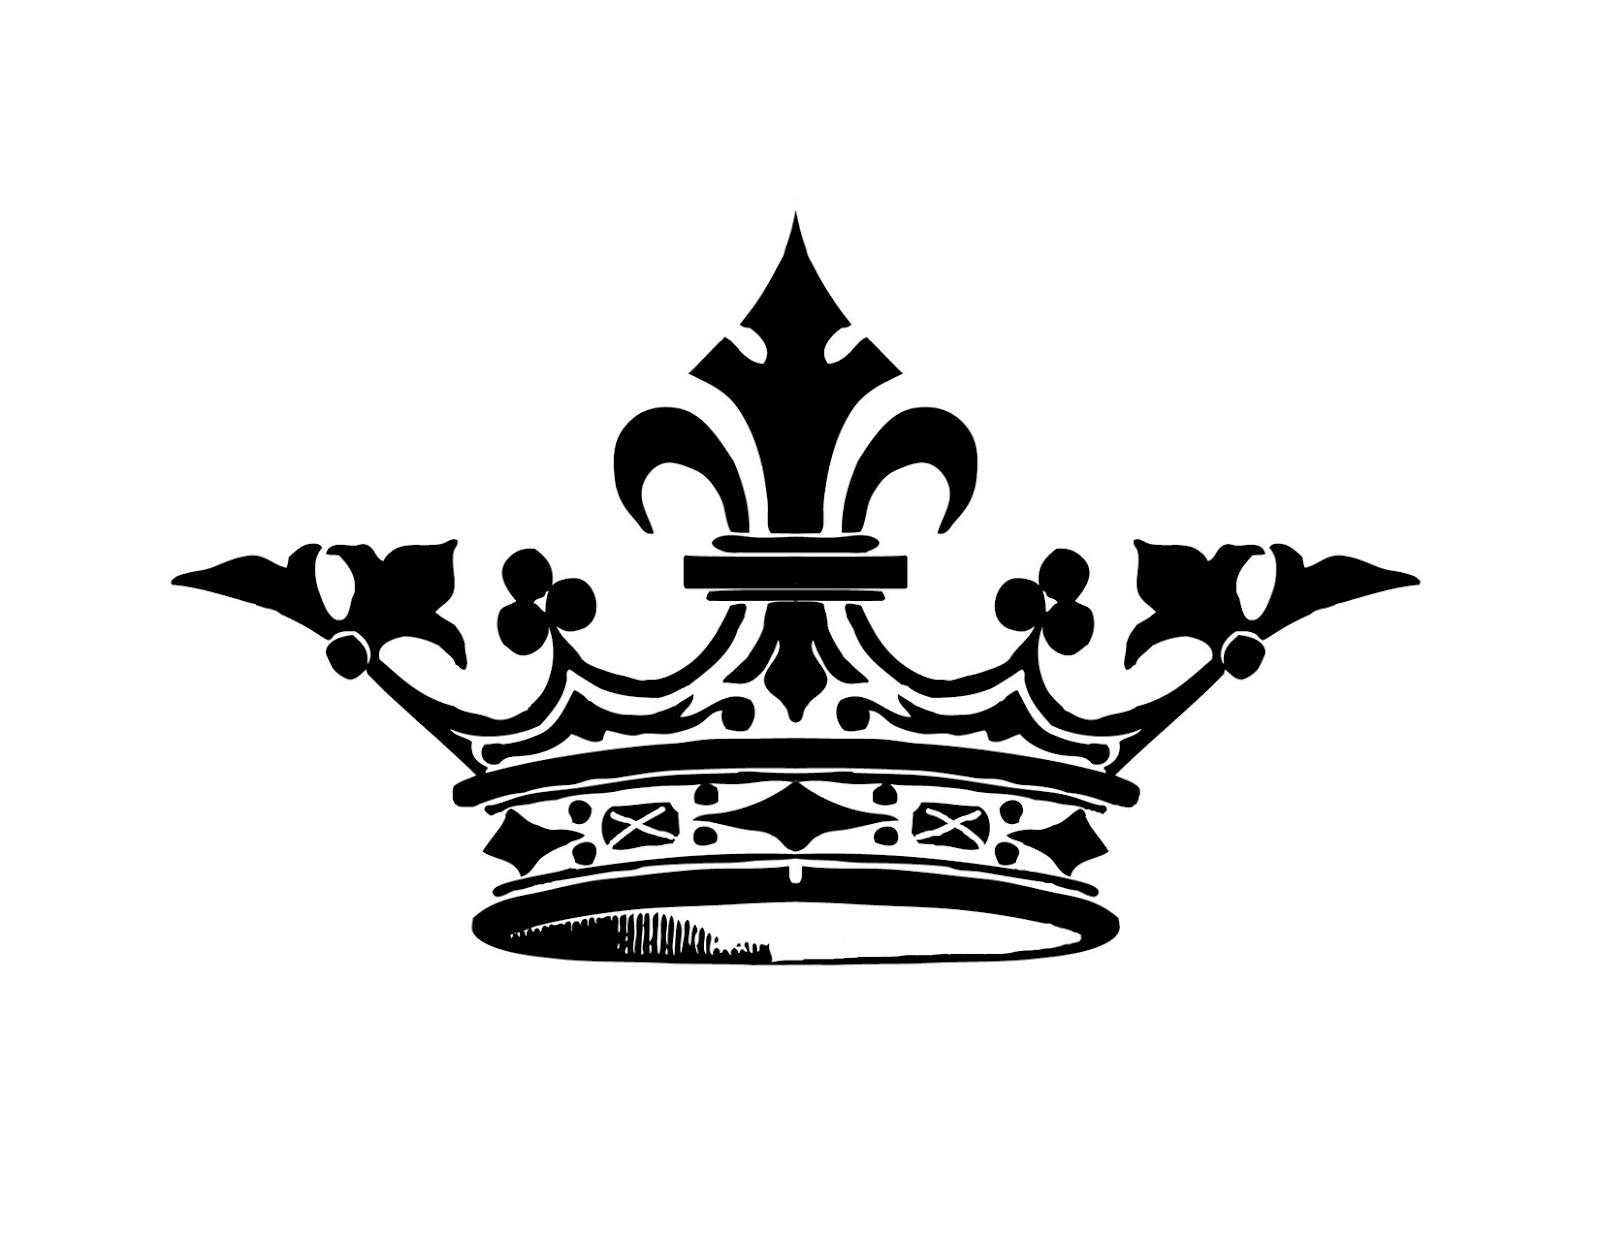 1600x1236 Graffiti Crown Drawing How To Draw A Graffiti Crown